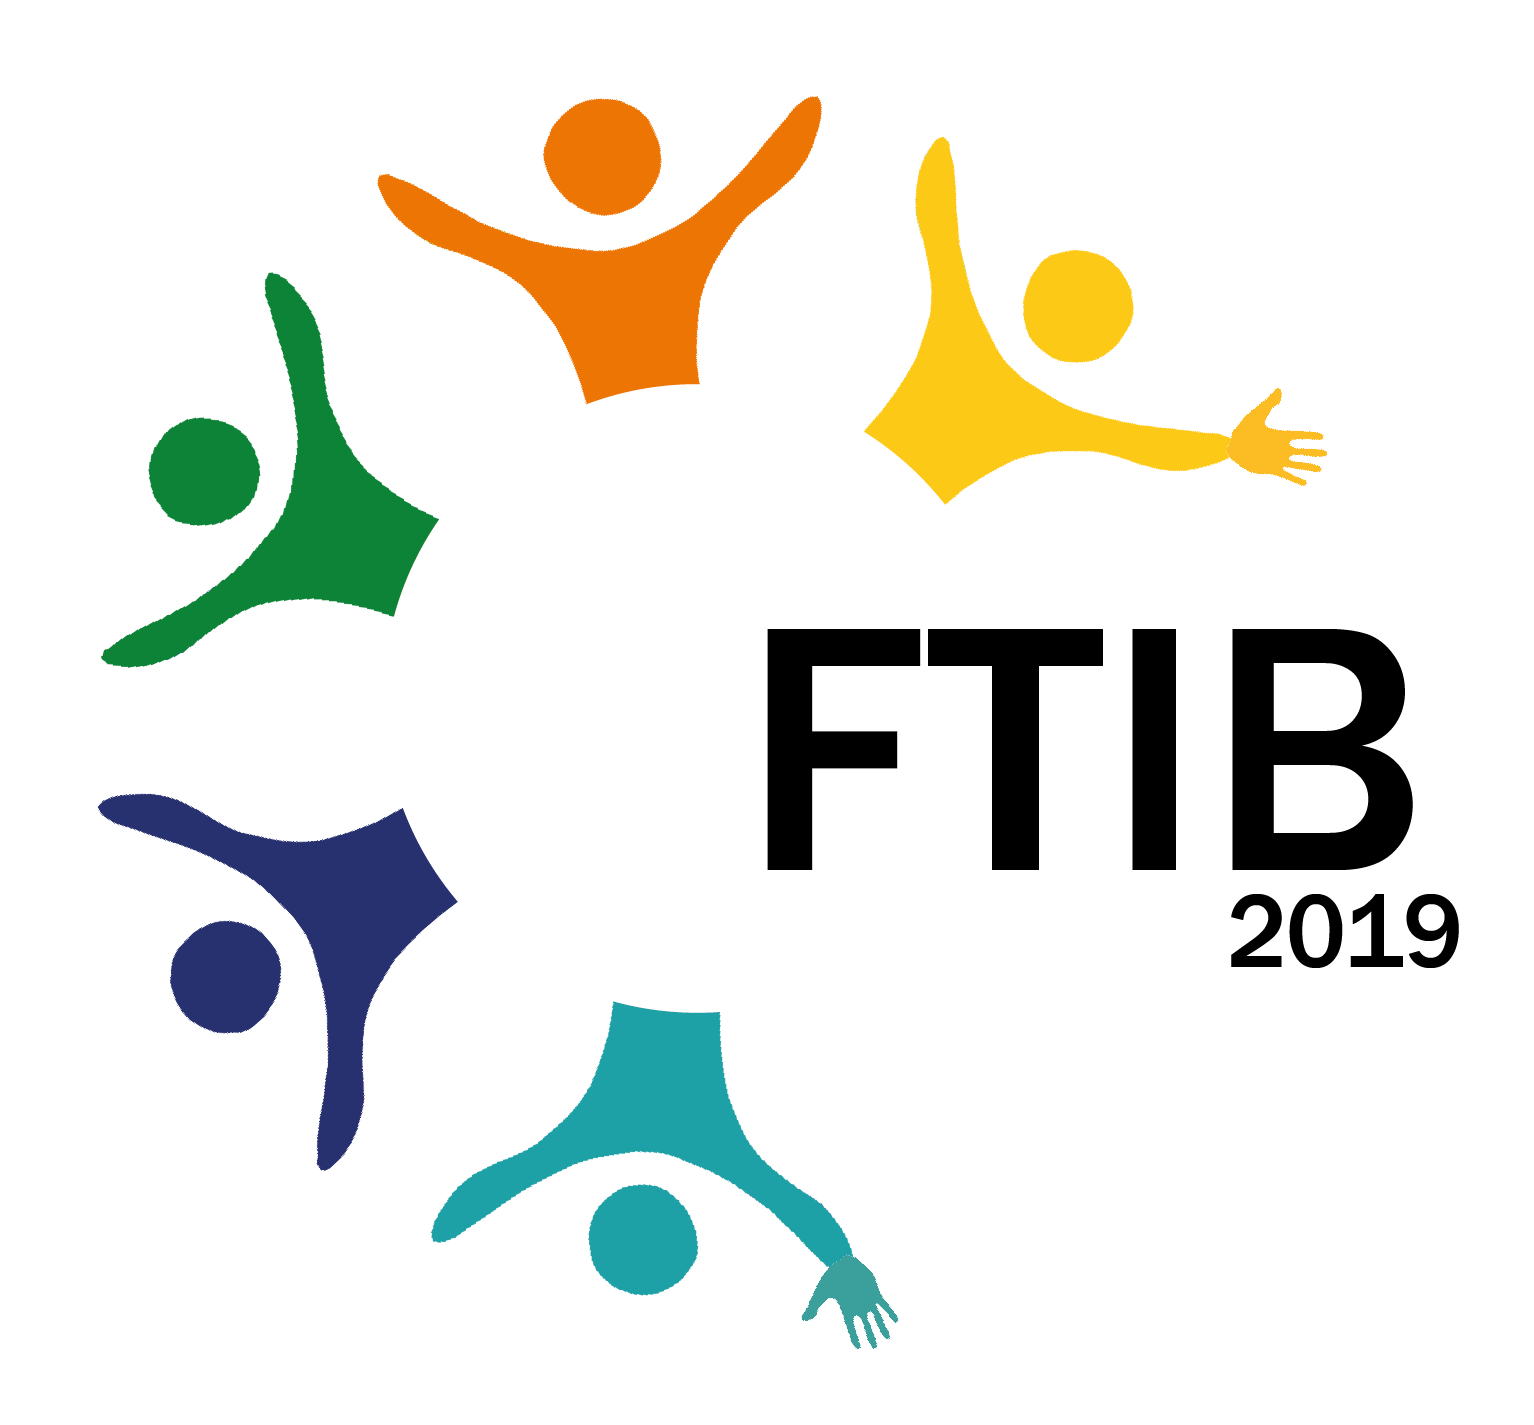 5. FTIB